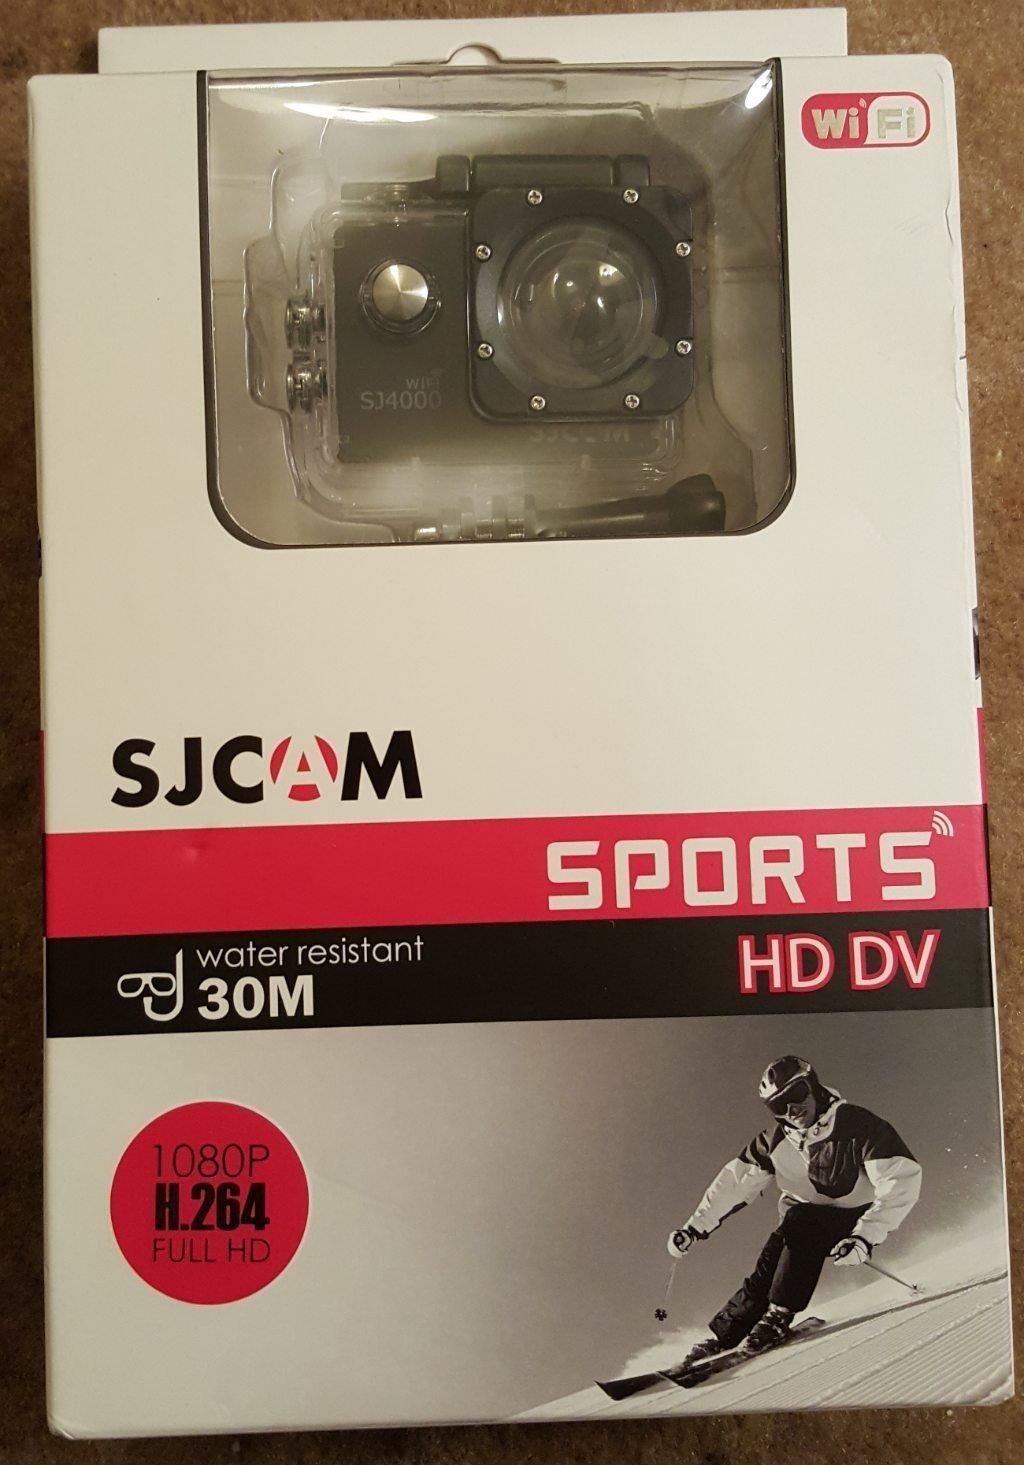 sport hd dv camera